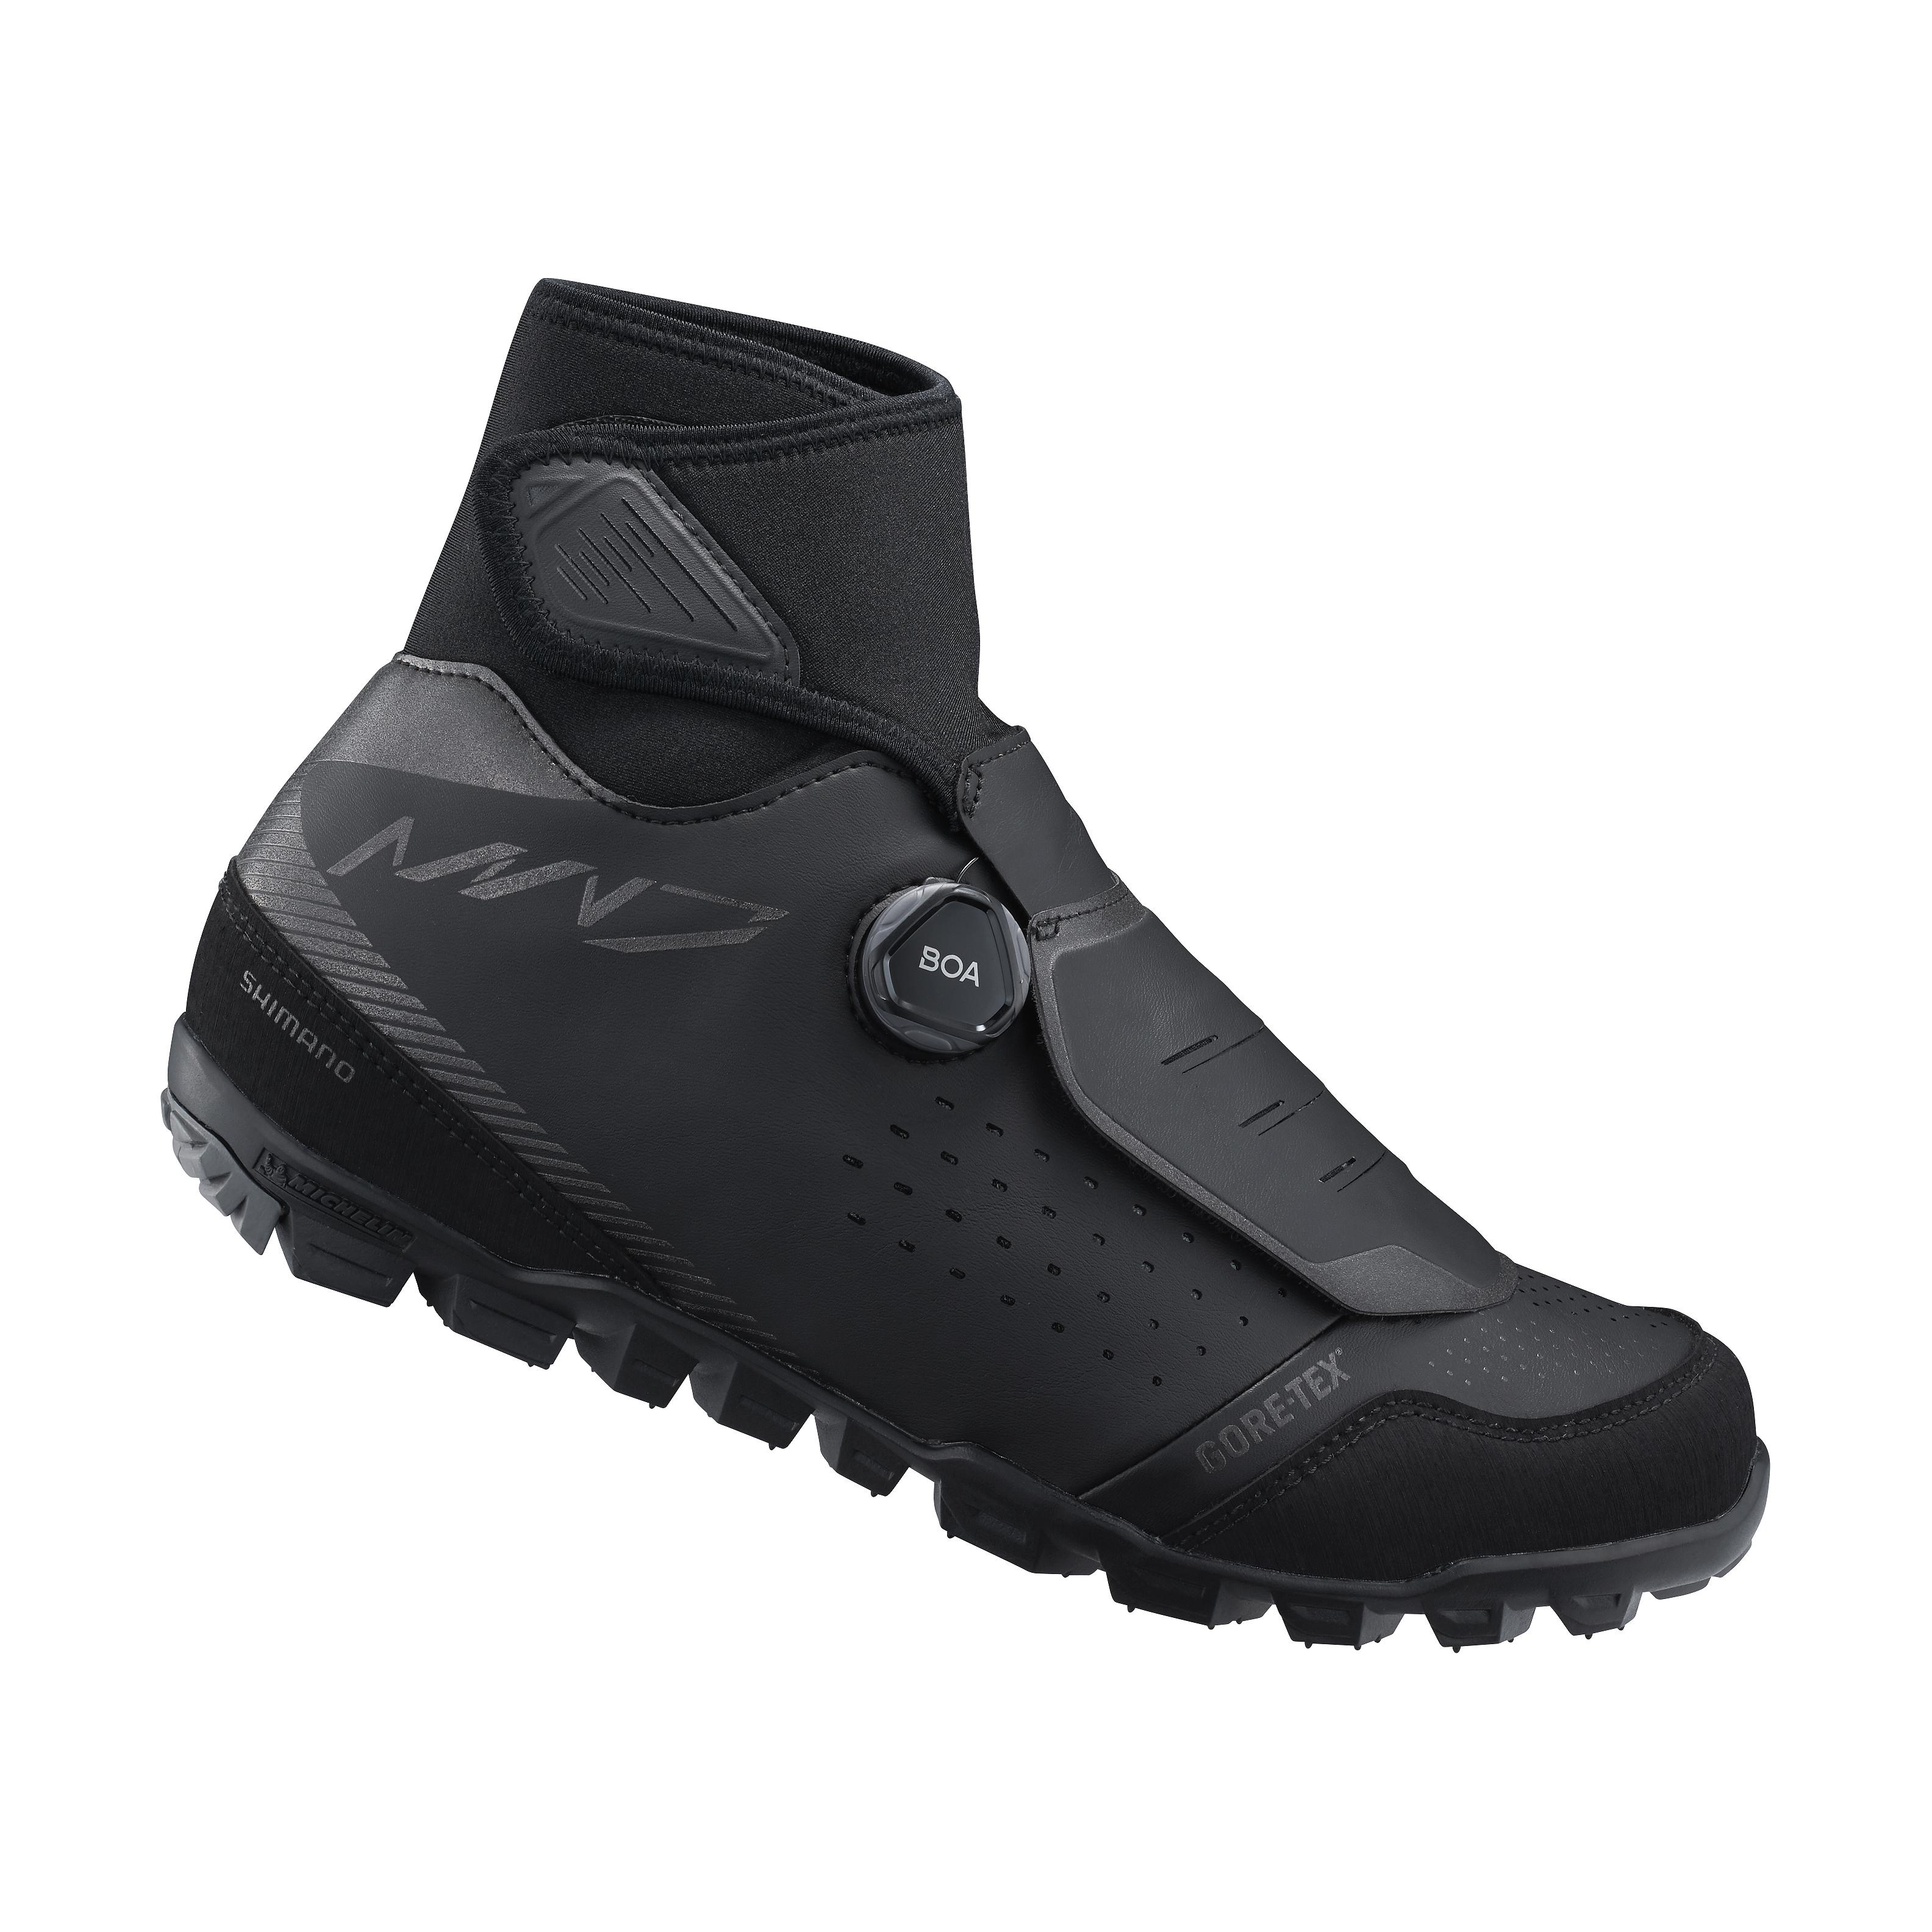 Shimano MTB zimní obuv SH-MW701ML, černá, 41